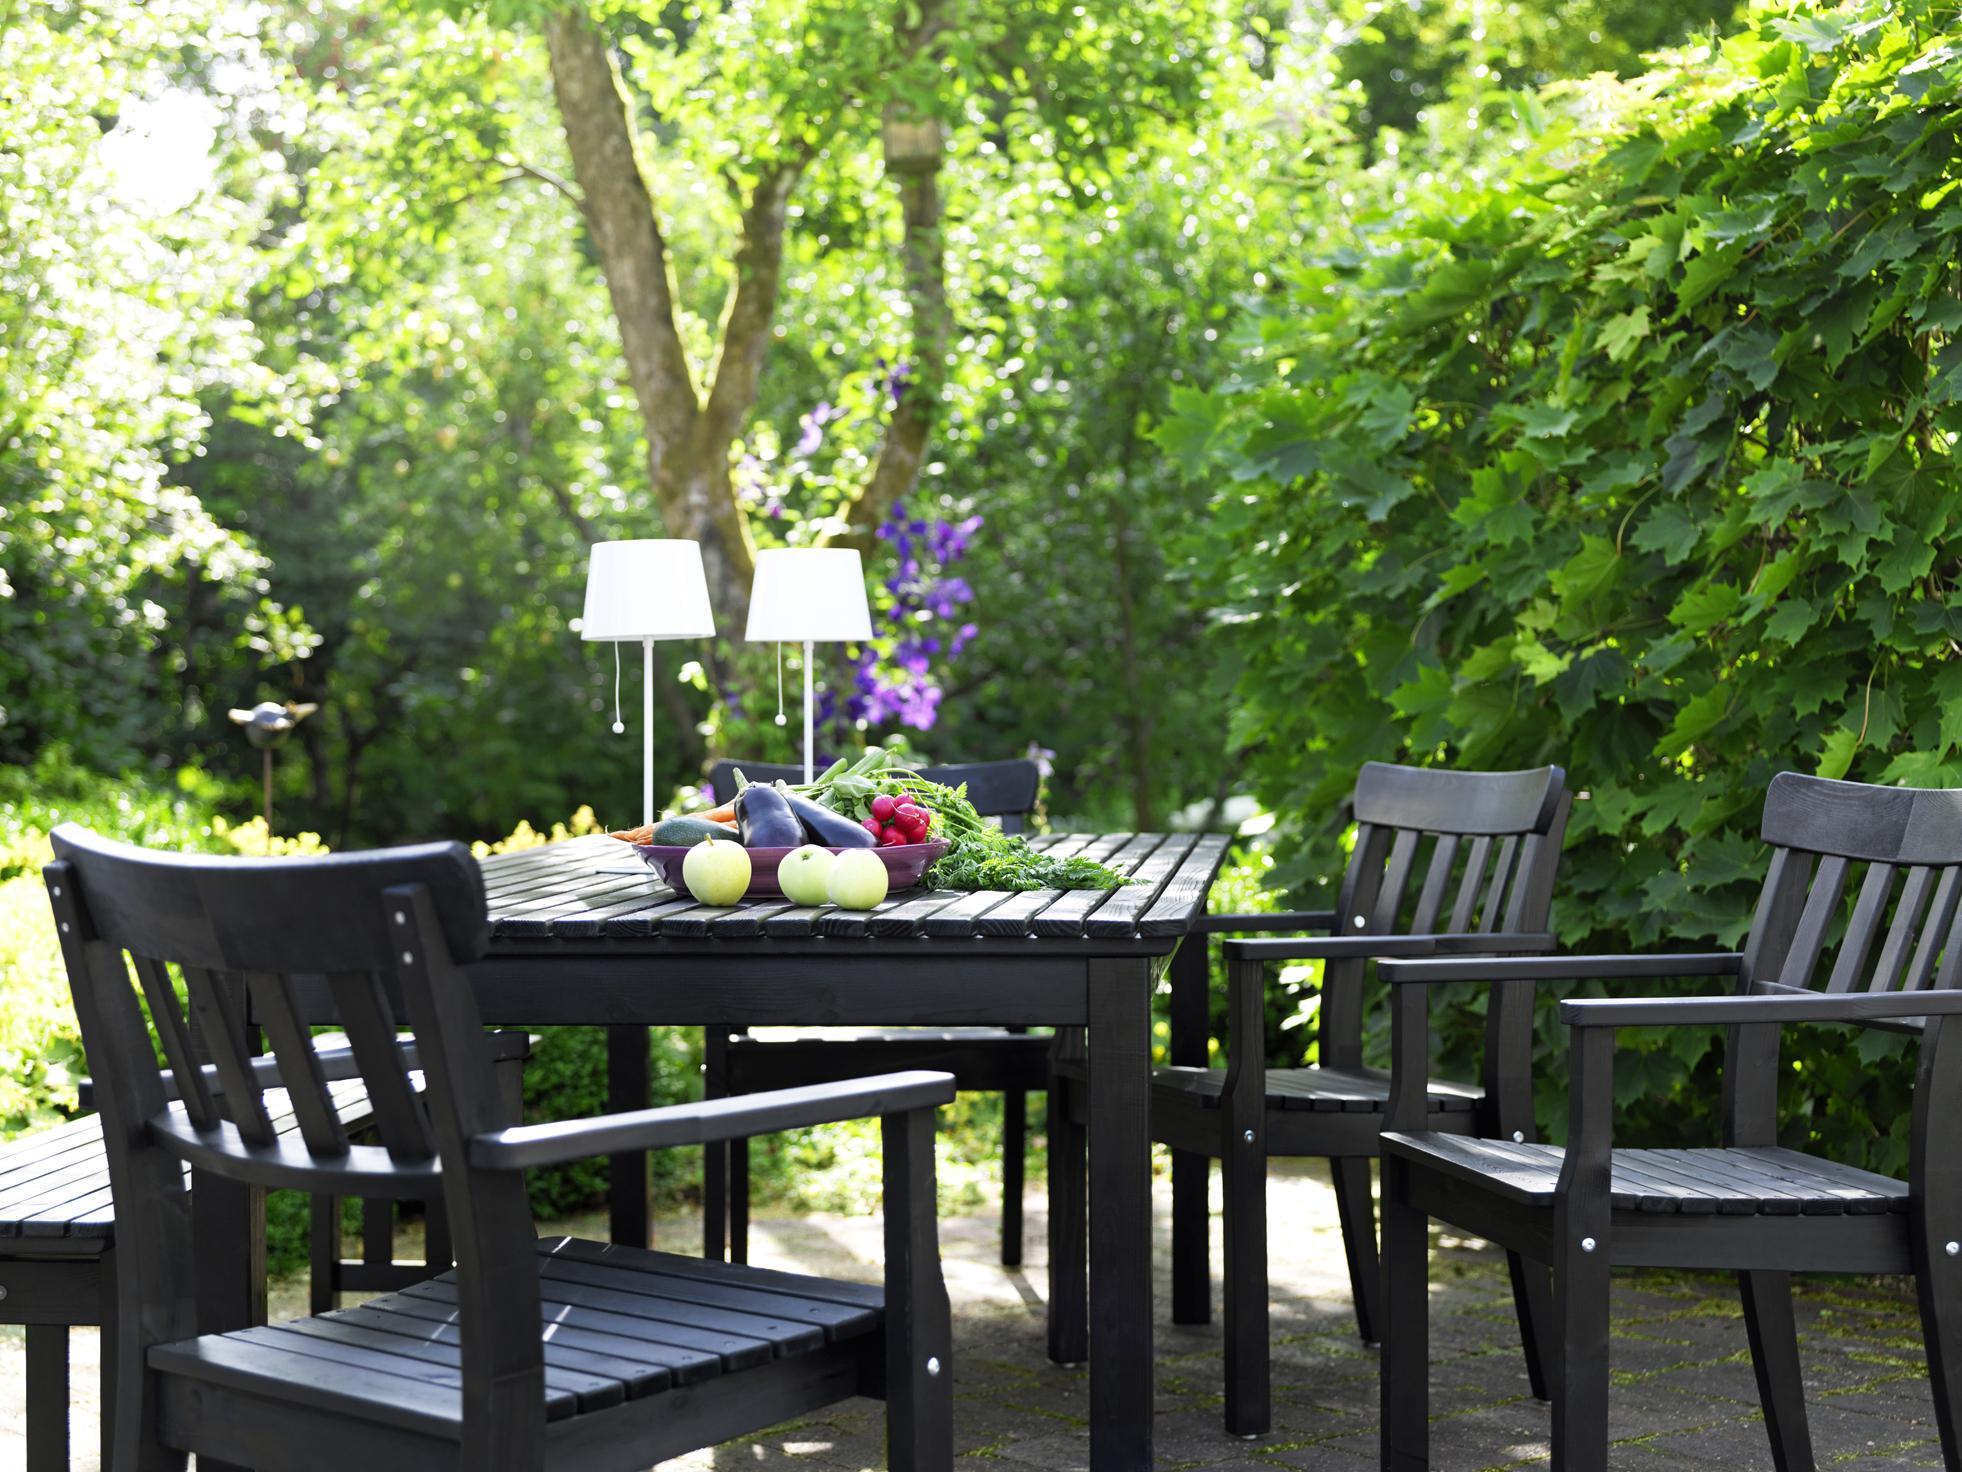 Ikea en el jard n y en la terraza en blanco y negro blog tienda decoraci n estilo n rdico - Ikea terraza y jardin ...